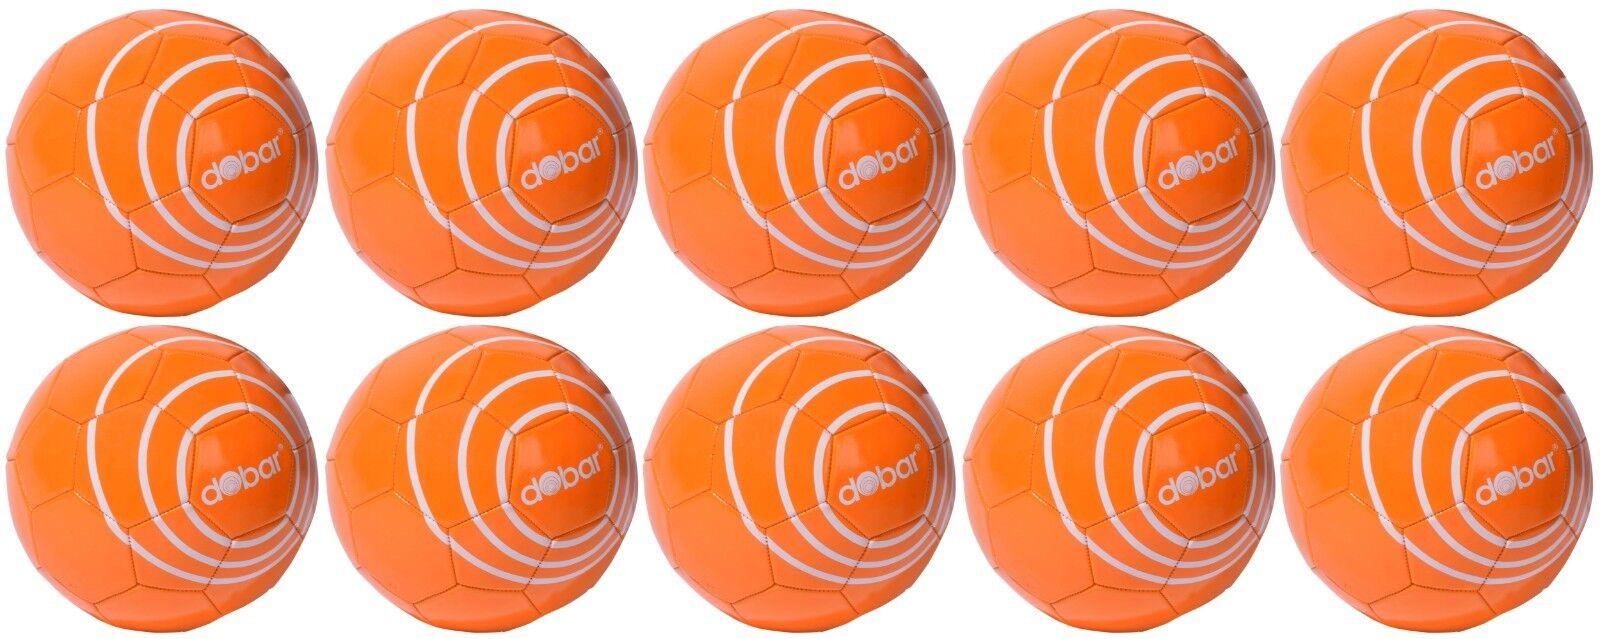 10 x Fußball Set Set Set Größe 5 Orange 440gr, Ball Fußbälle Spiel Sport Training Kinder a6b1ff